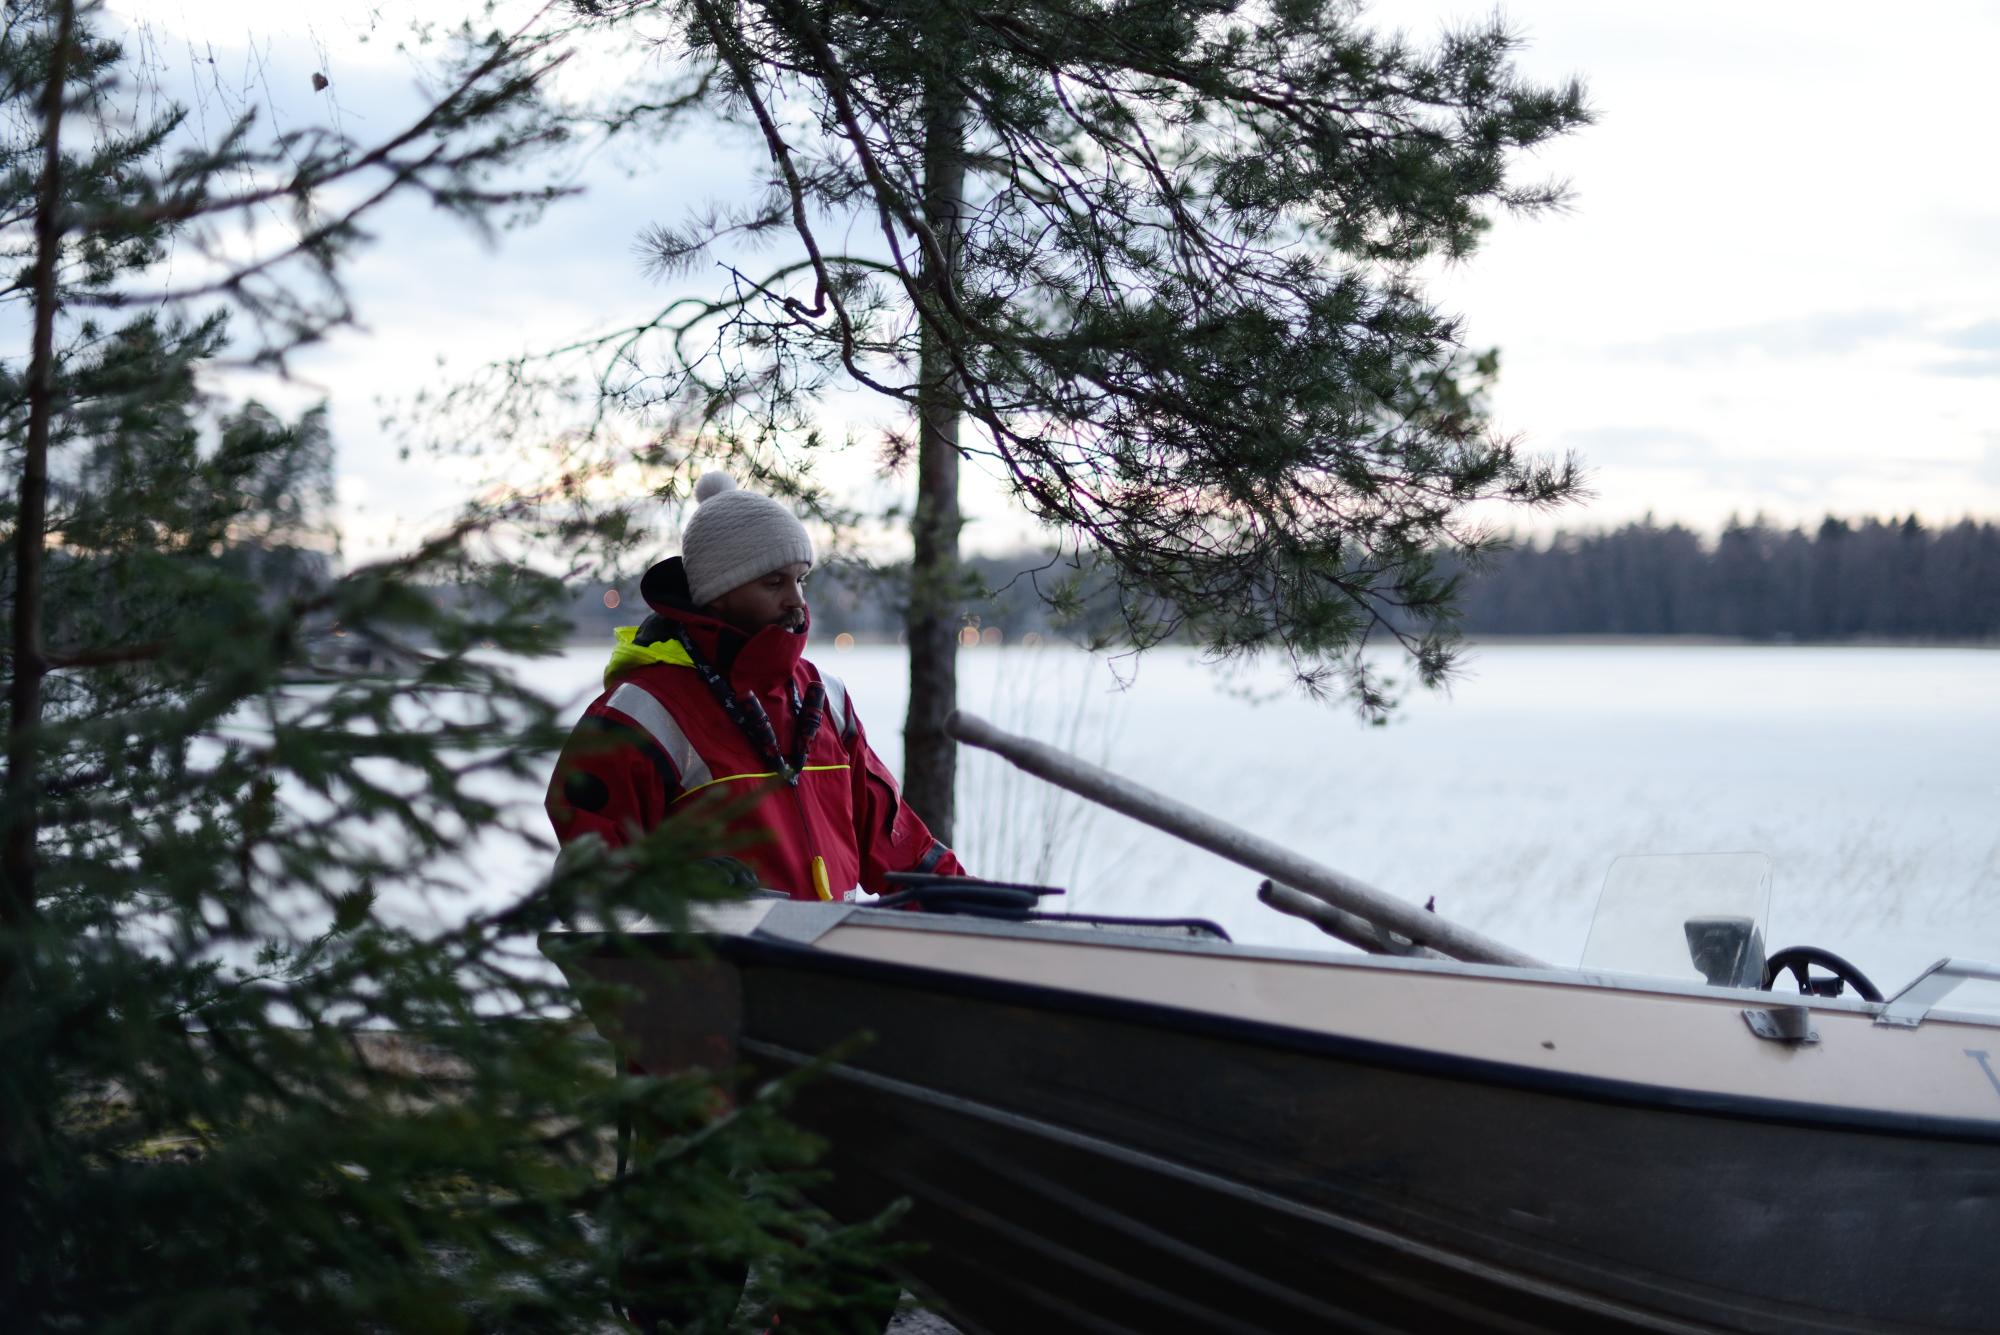 Jaakko pohtii veneen tiputtamista jäälle.